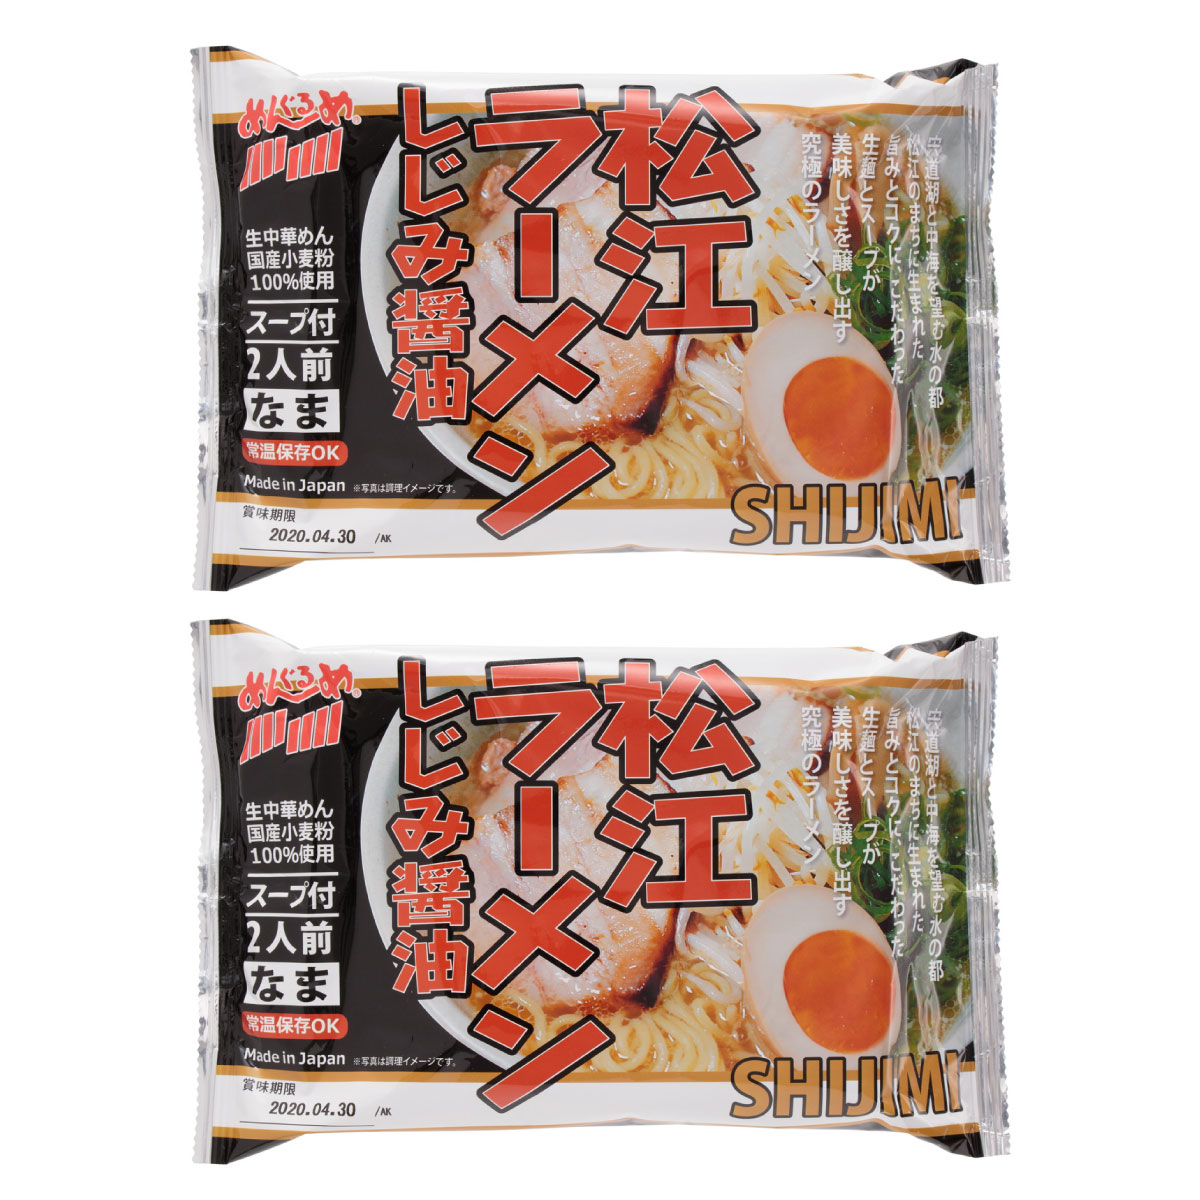 ご当地ラーメン 島根県 生中華麺 国産小麦粉100%使用 スープ付き 新作製品、世界最高品質人気! 常温保存可能 1着でも送料無料 おみやげ お土産 しじみ醤油 なかたか 320g めん100g×2 ラーメン ×2P 松江ラーメン